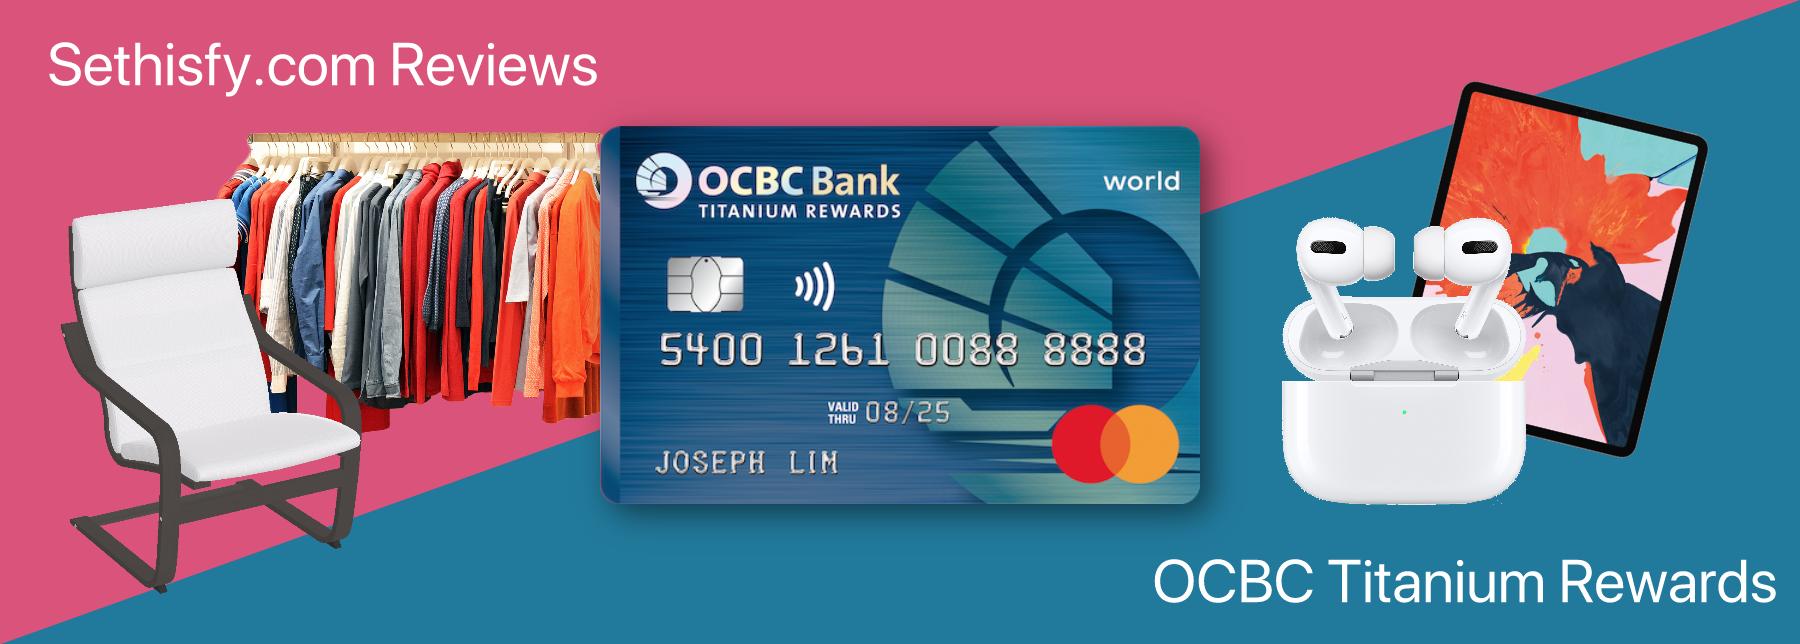 Revisão: OCBC Titanium Rewards - um cartão de milhas pode oferecer mais reembolso do que cartões de reembolso? 1